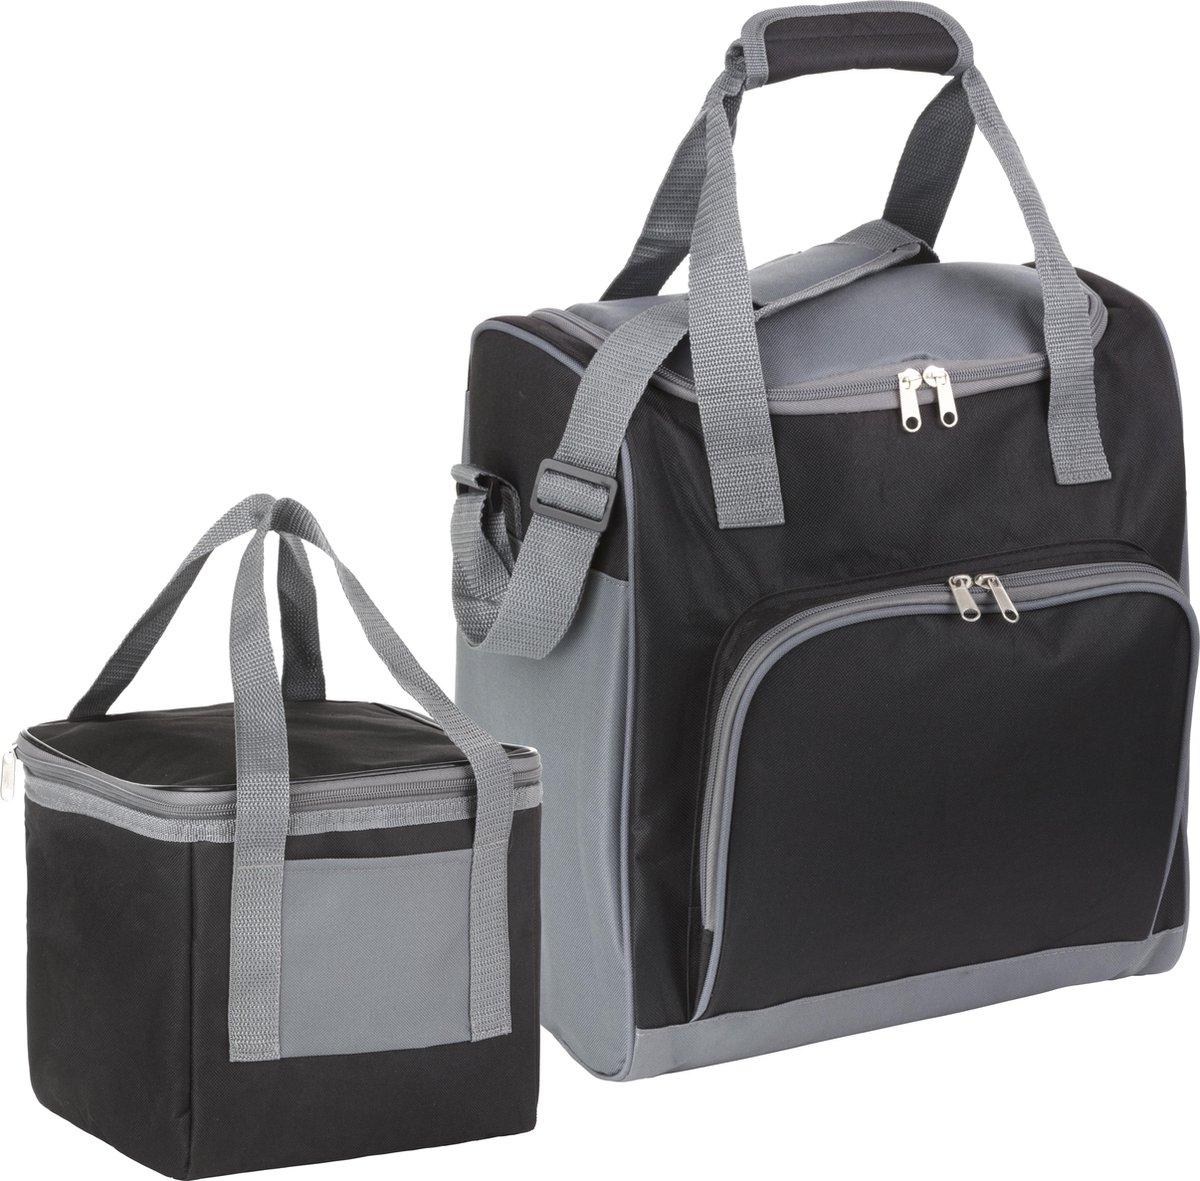 Basis Sterke Koeltas Set   25 + 10 Liter Coolerbag   Zwart